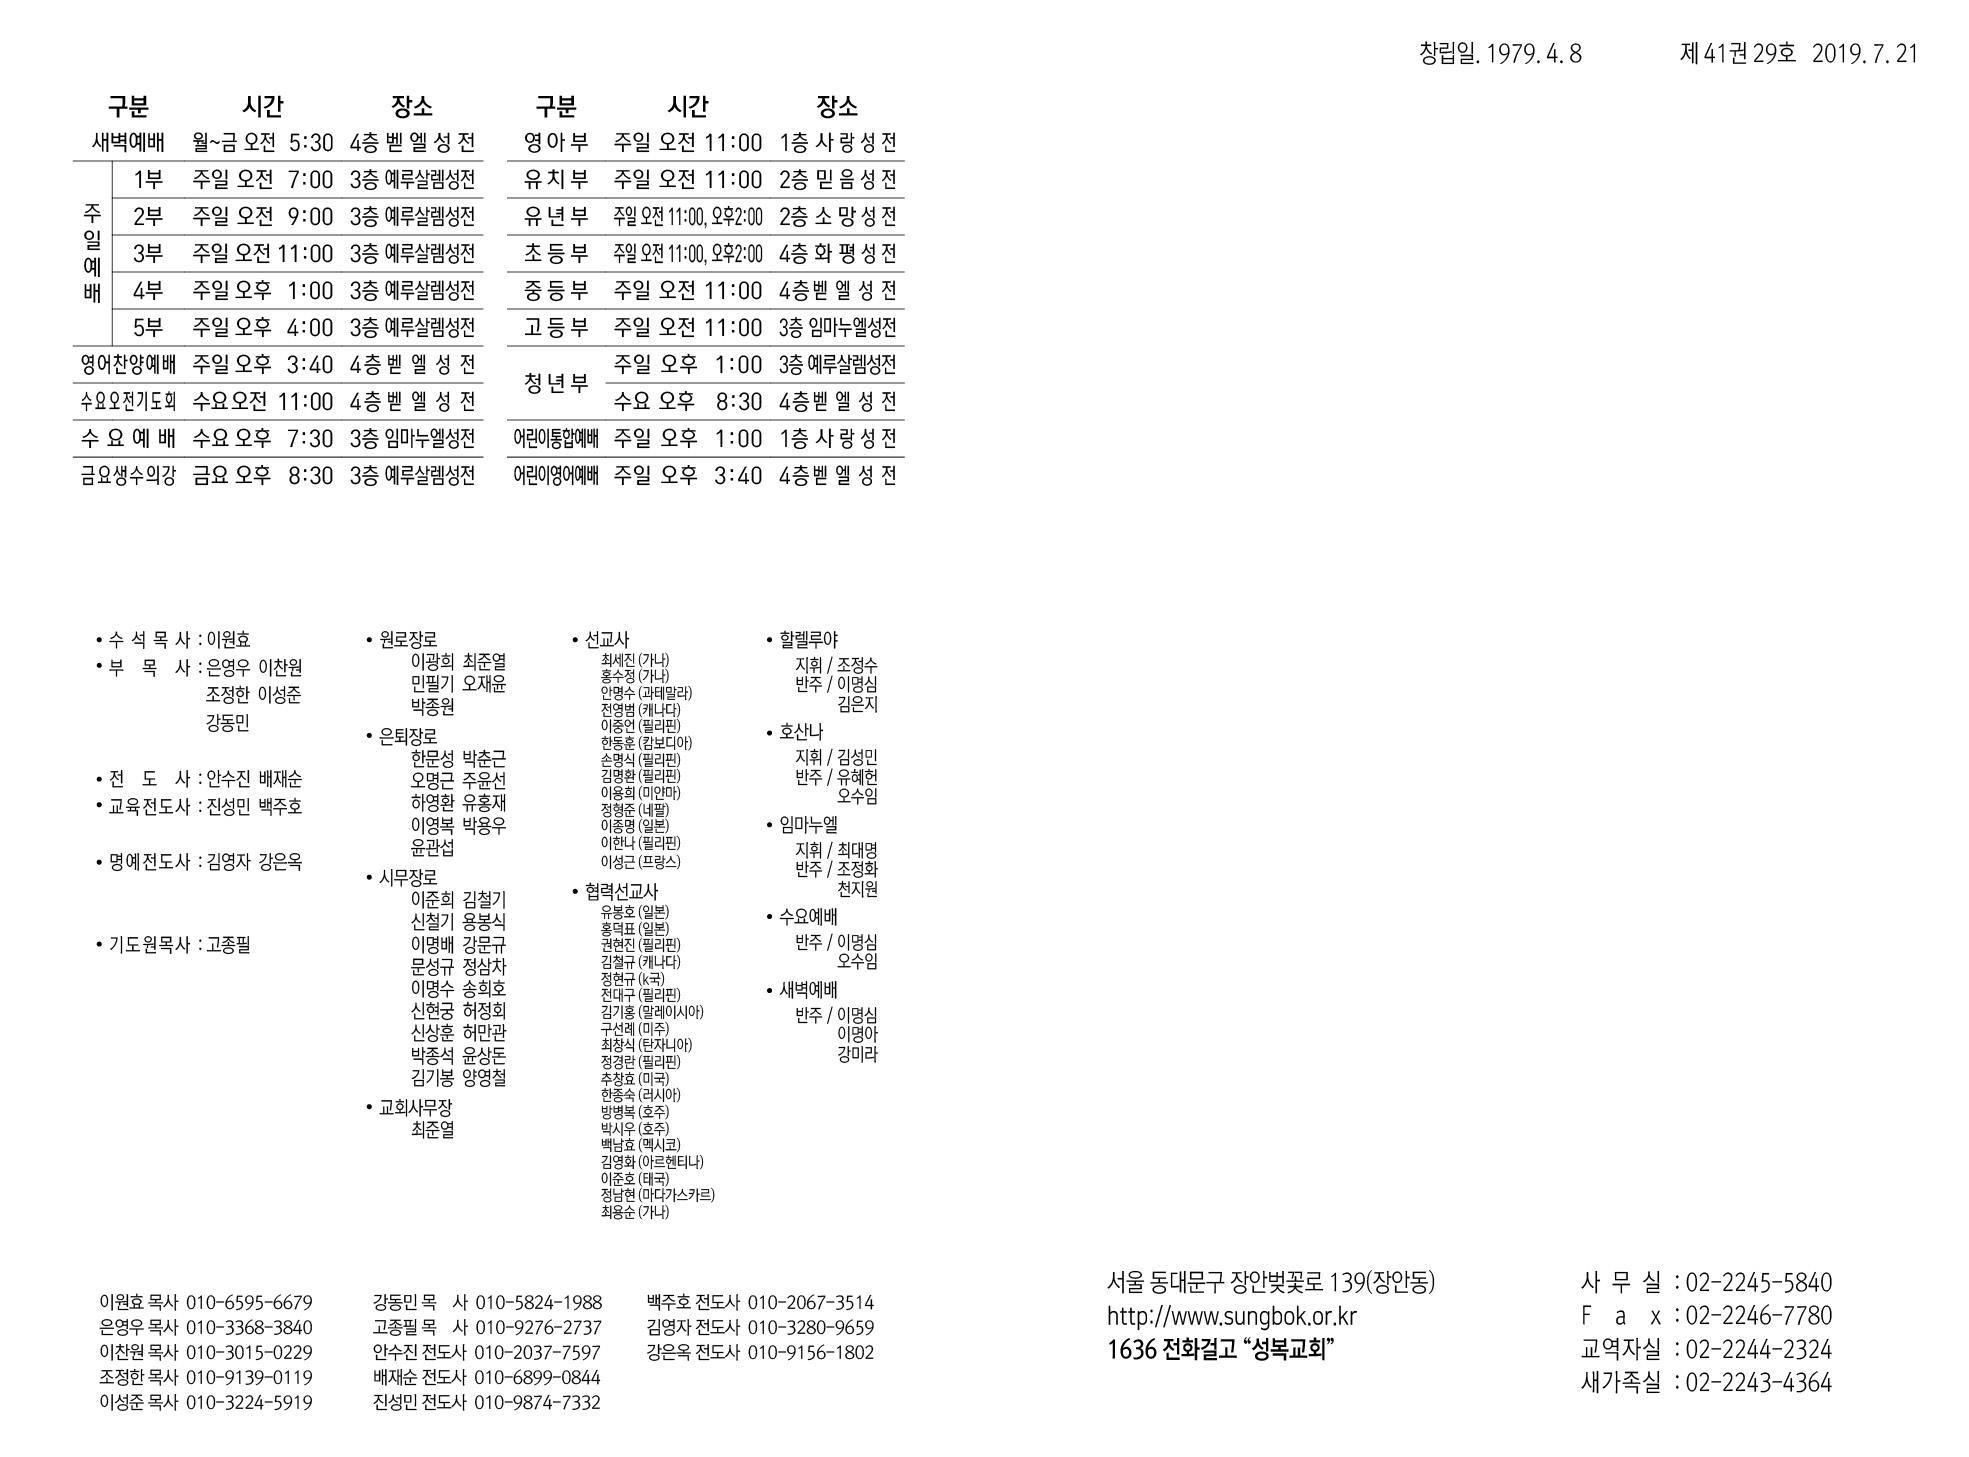 3a2ae58df995f19748f62d56a10e965e.jpg